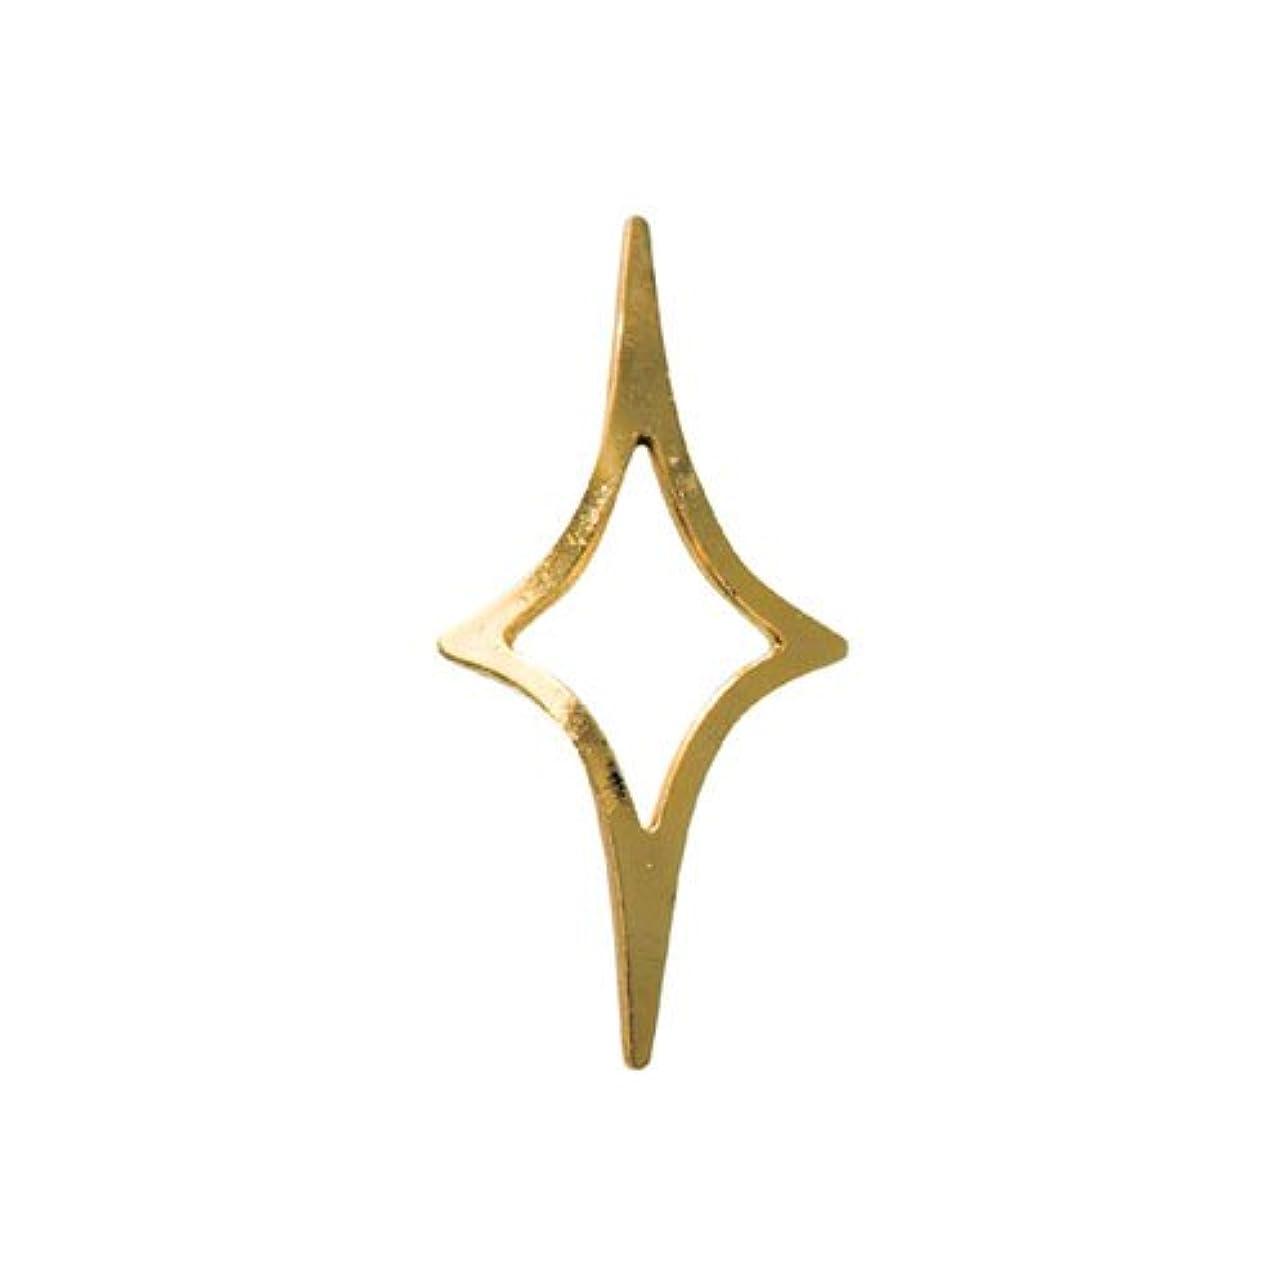 間接的ハンディキャップ梨リトルプリティー ネイルアートパーツ キラキラ2 3S ゴールド 20個